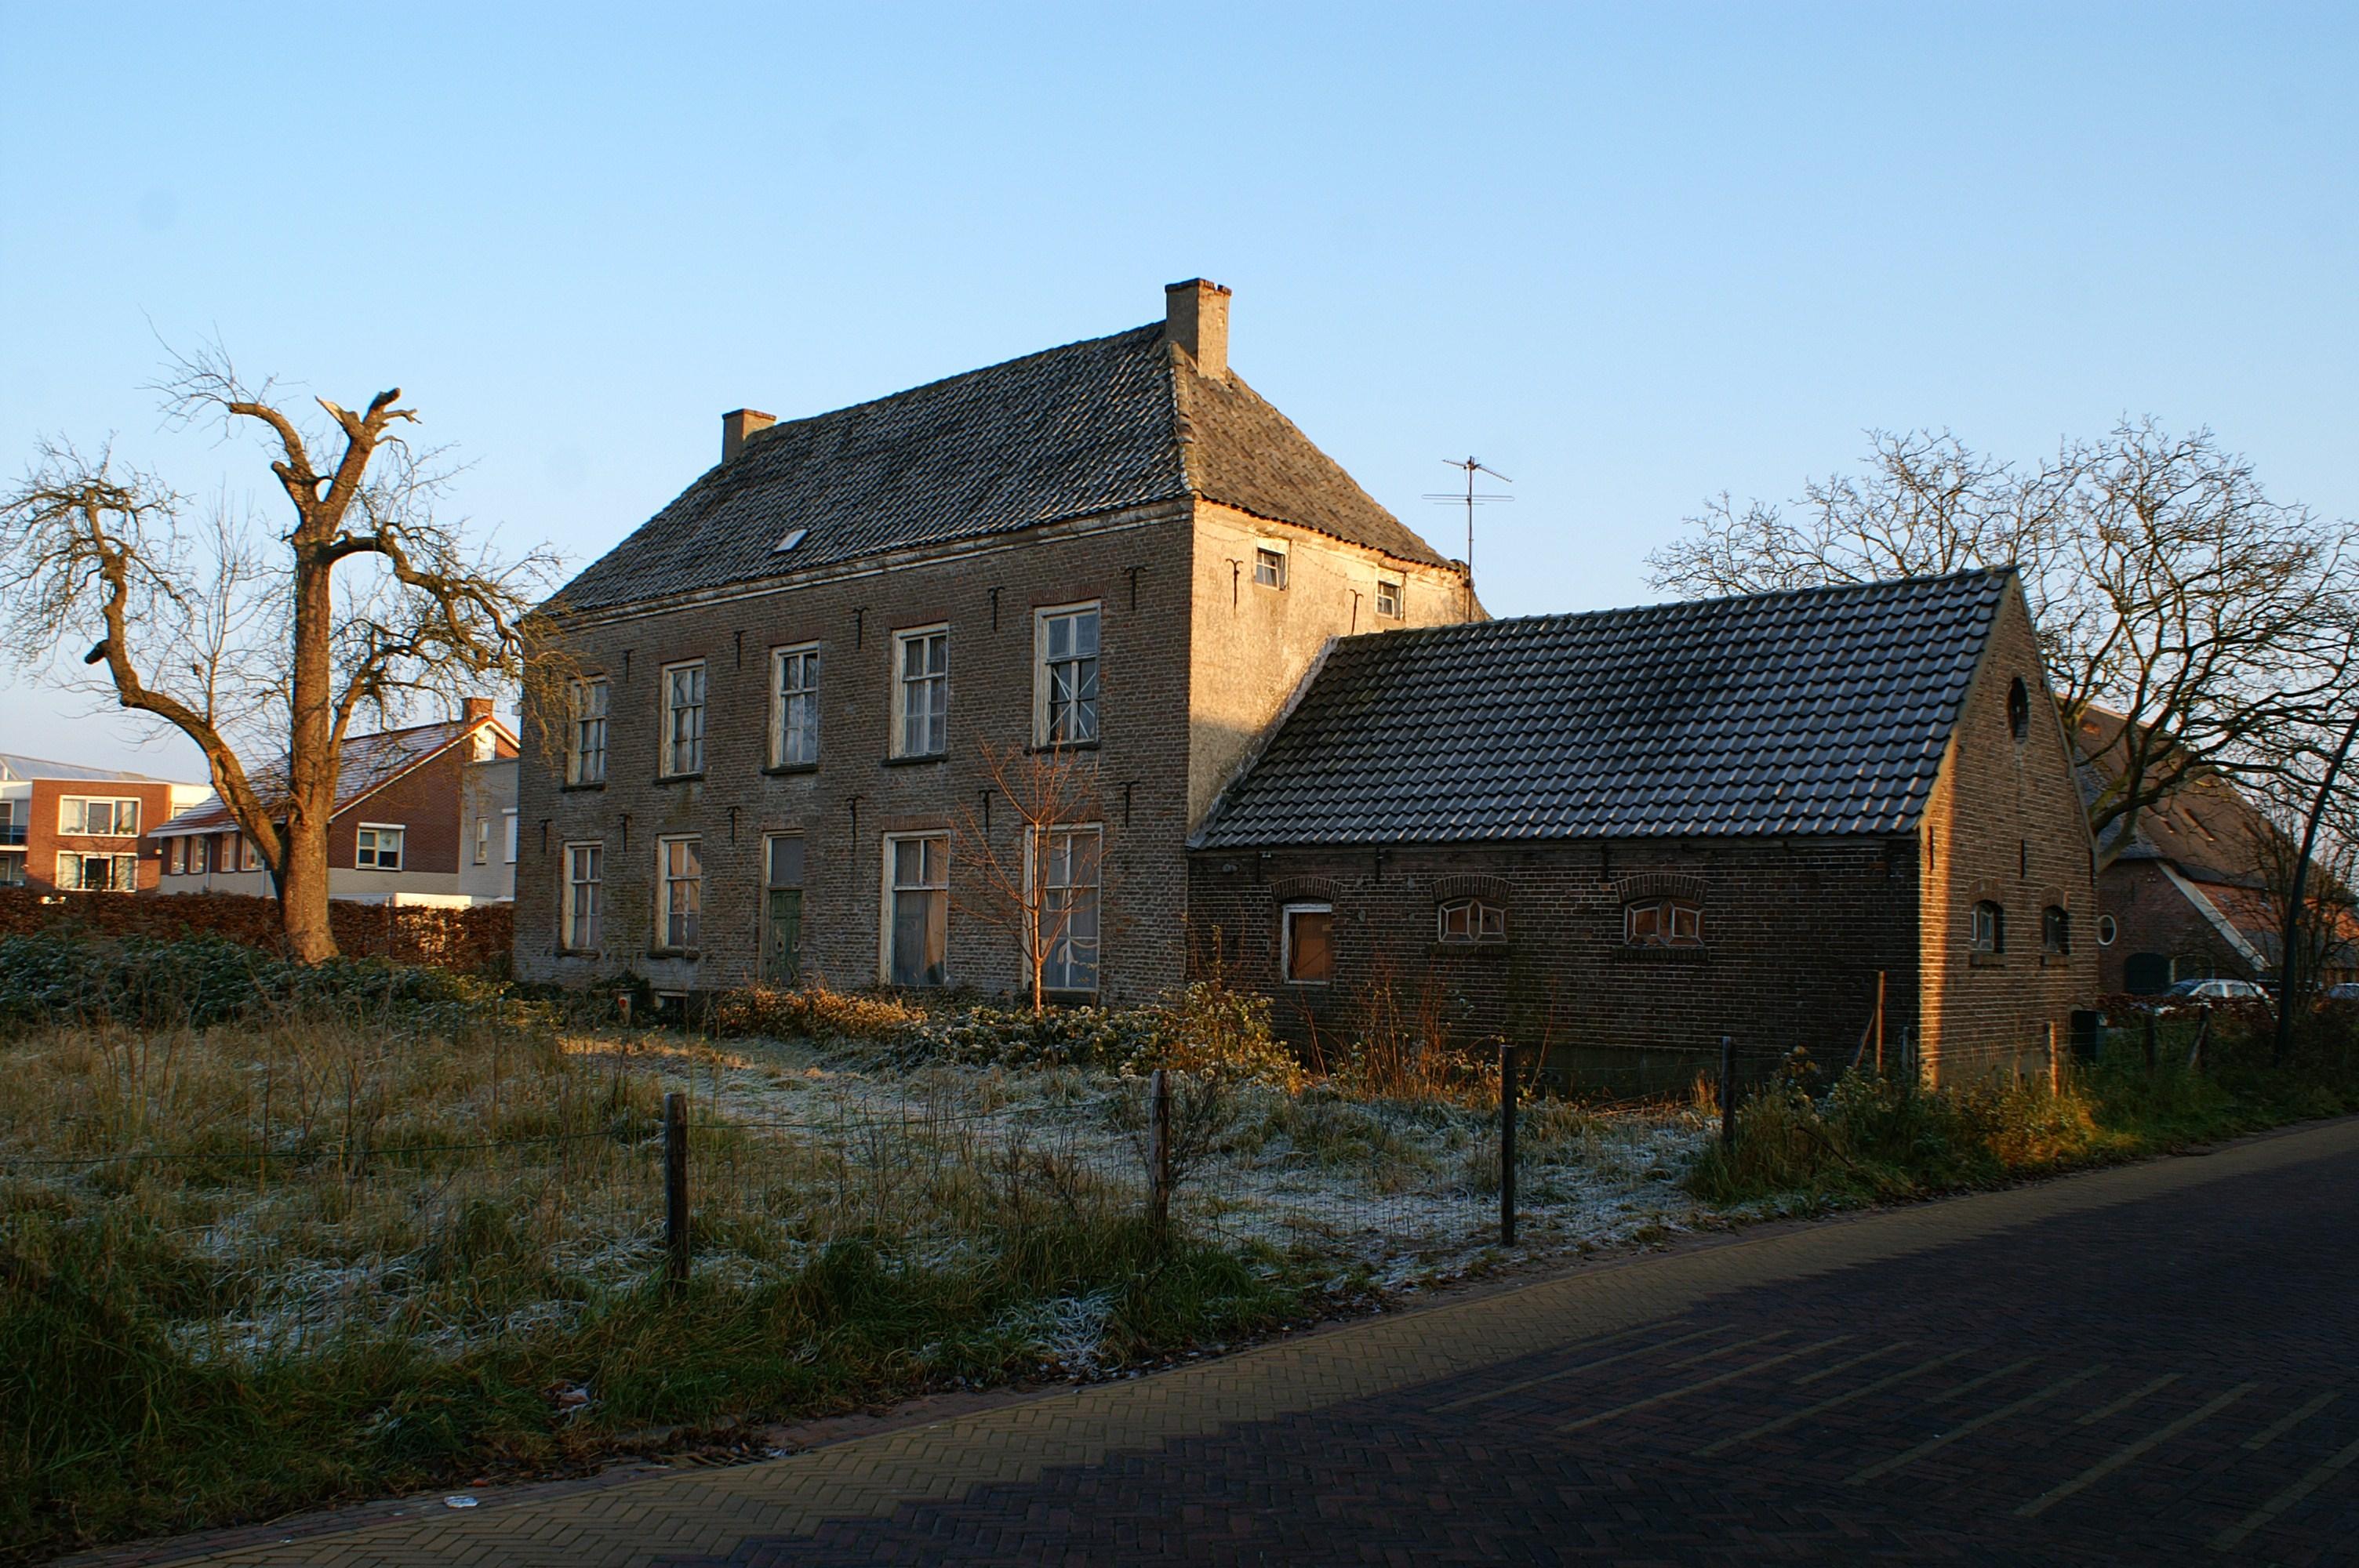 39 t huis binnenveld in huissen monument - Fotos van huis ...